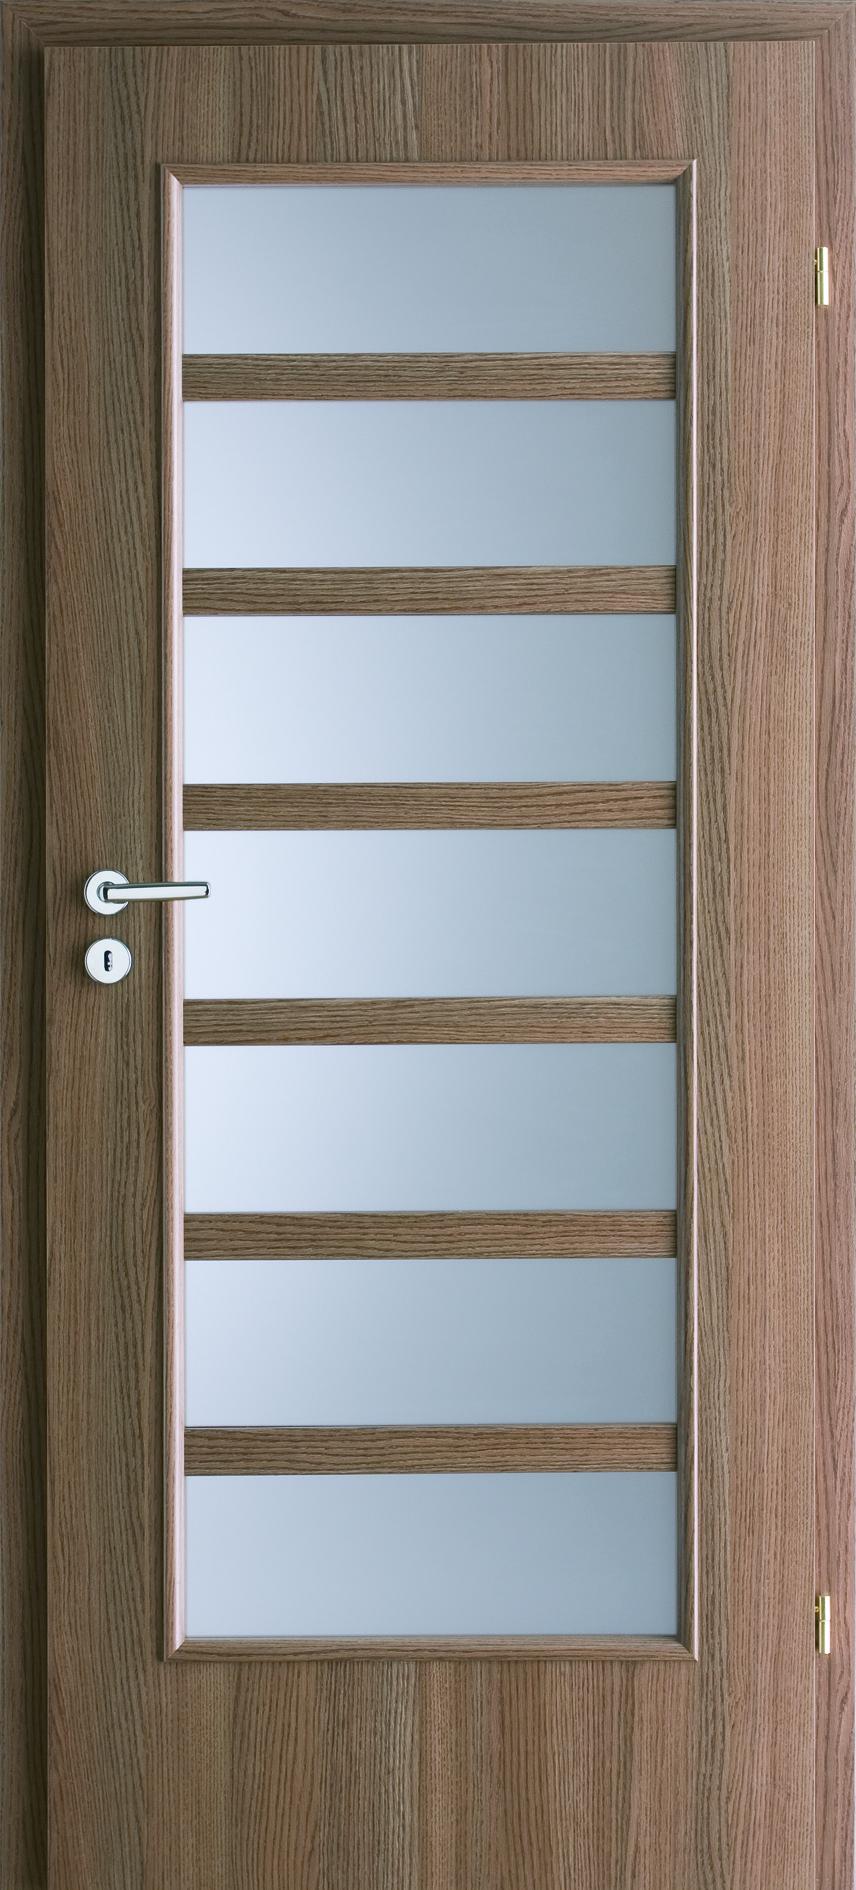 Dvere Porta Styl, vzor 5